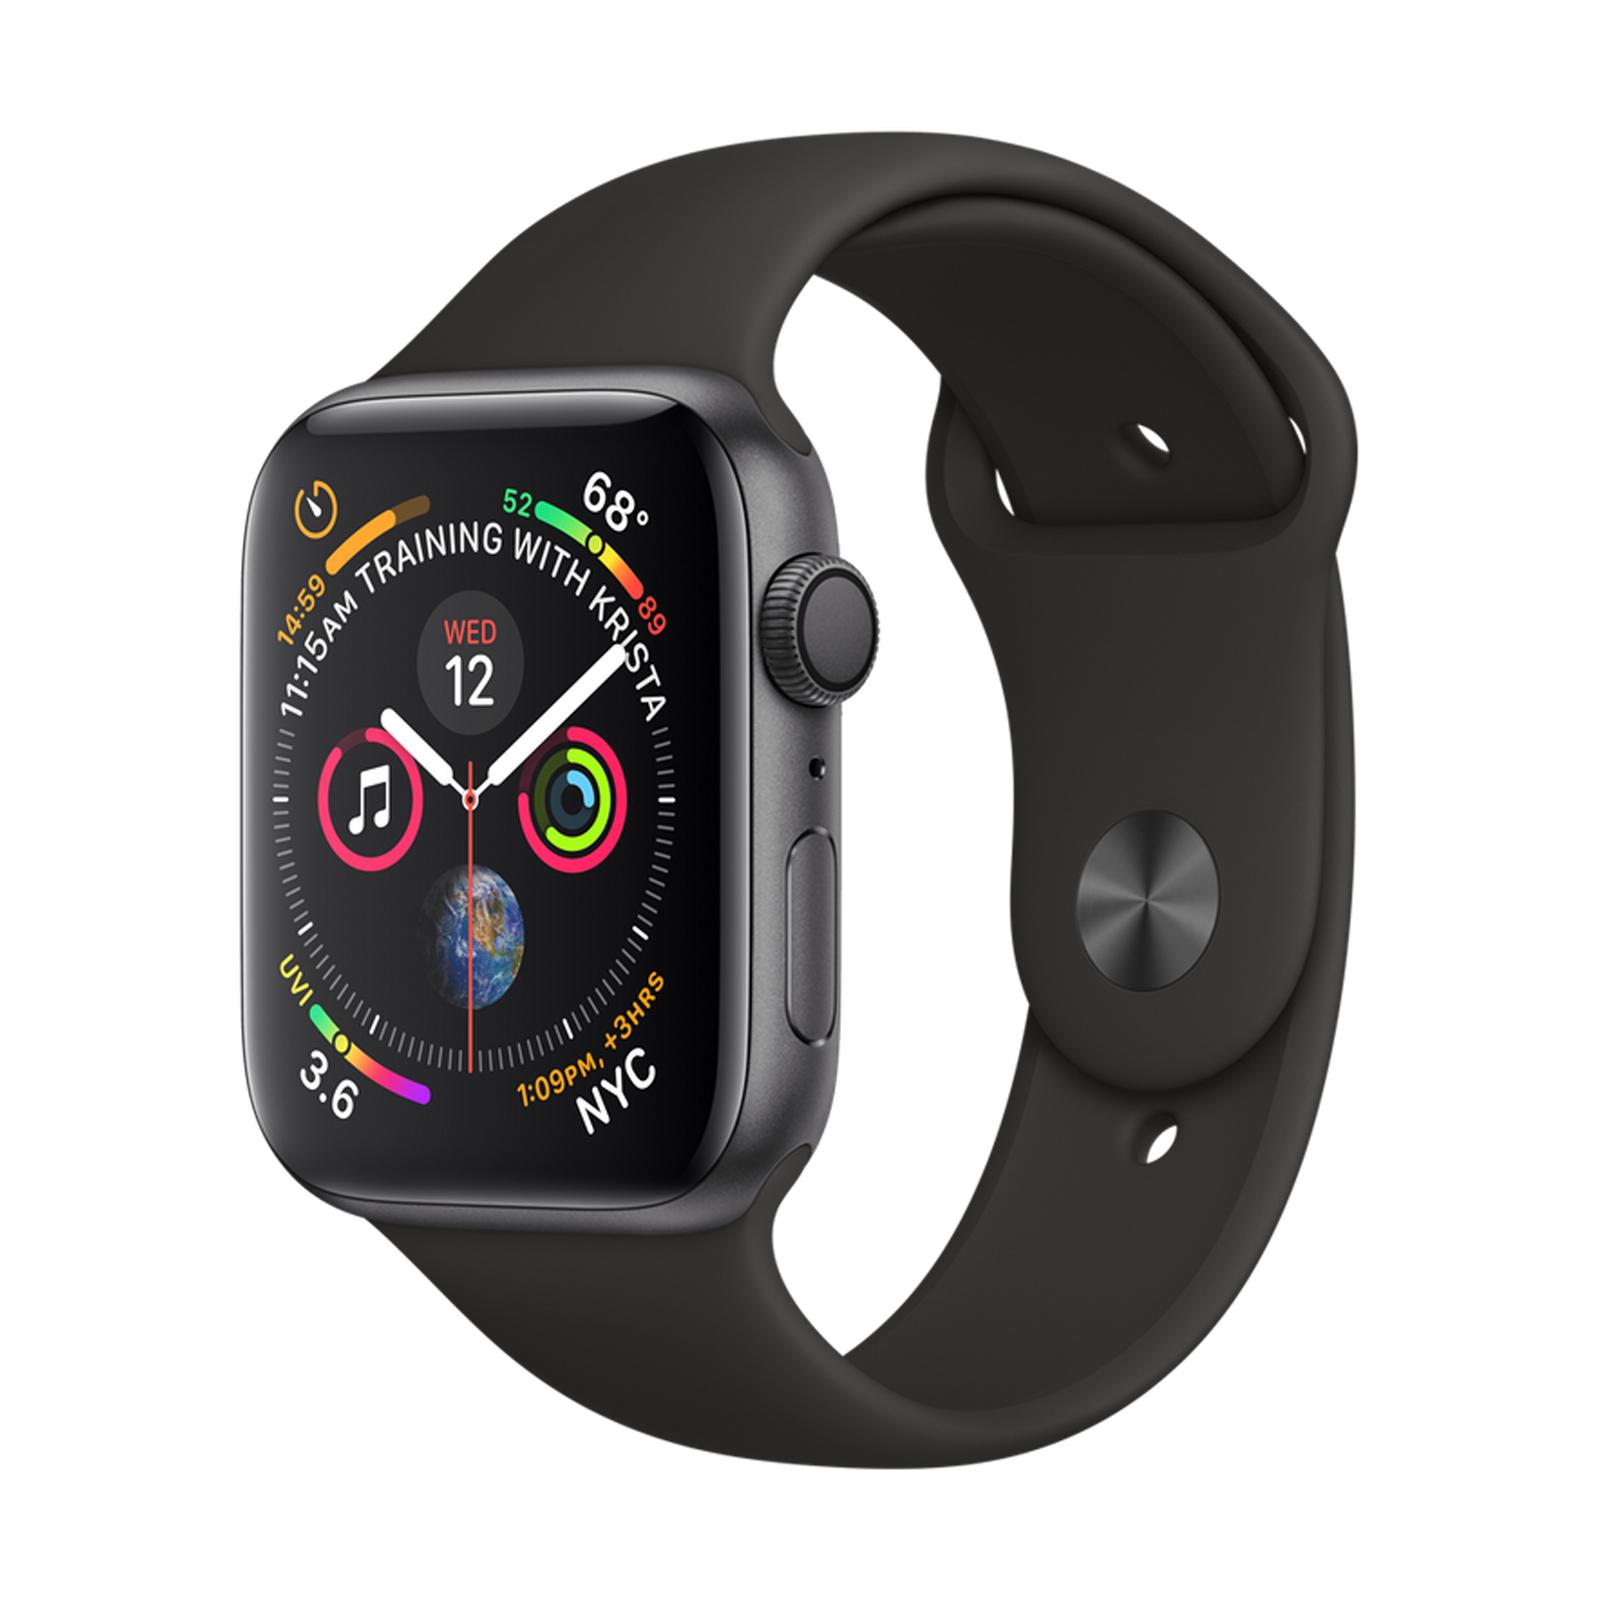 Apple Watch Series 4 44mm Space Grey GPS / Wifi (Refurb - Good) £215.10 Delivered using code @ eBay / loop_mobile